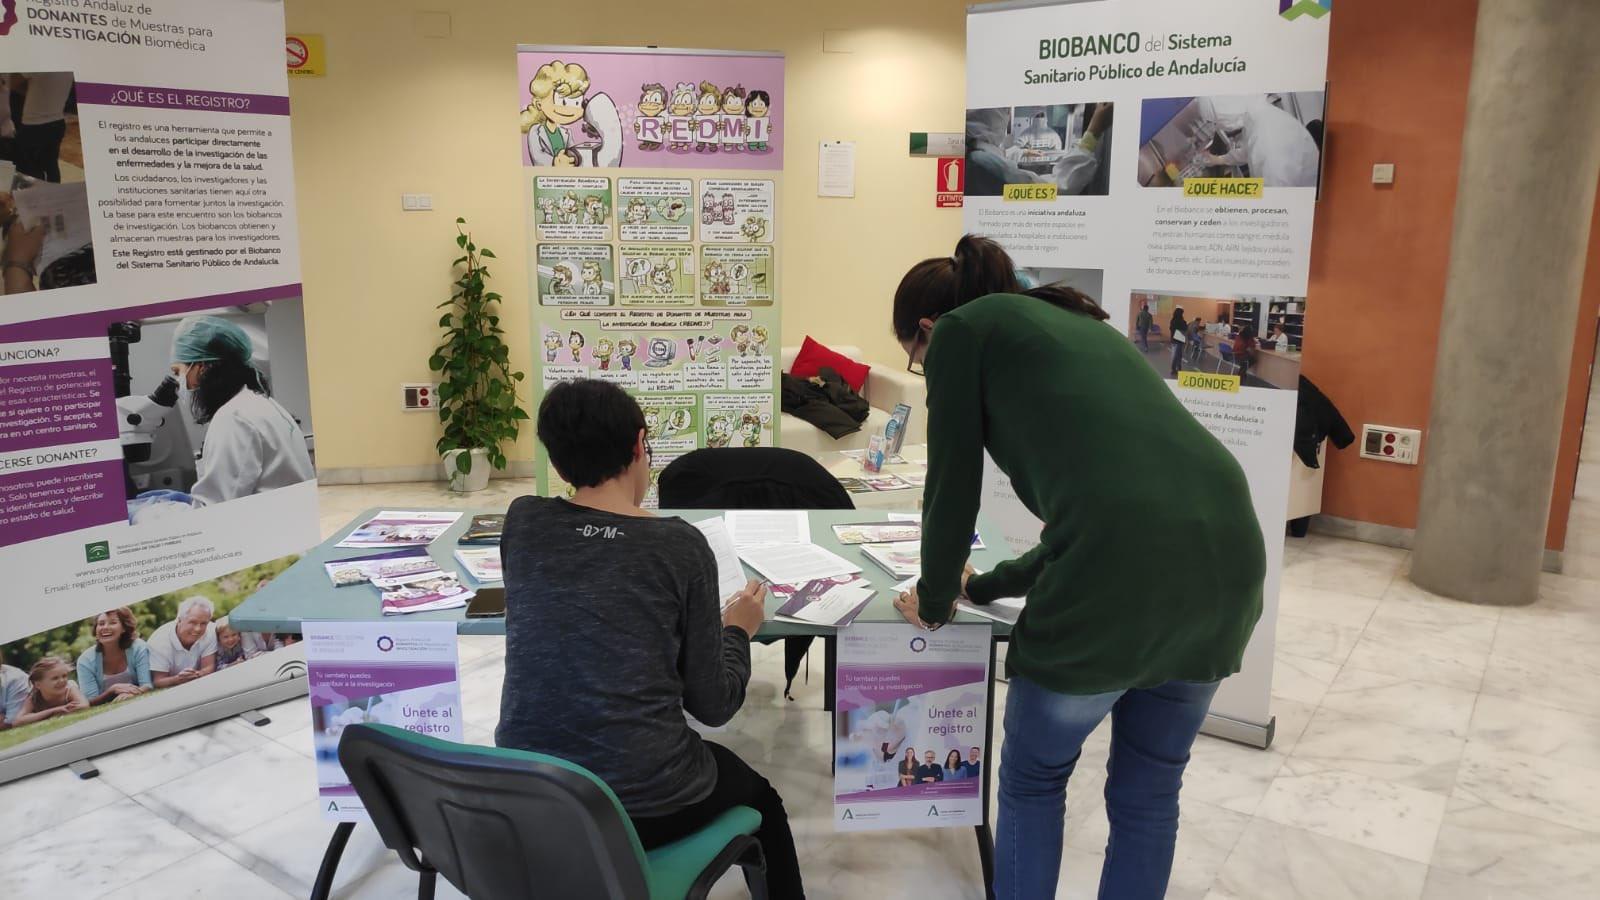 Donantes inscribiéndose en el registro